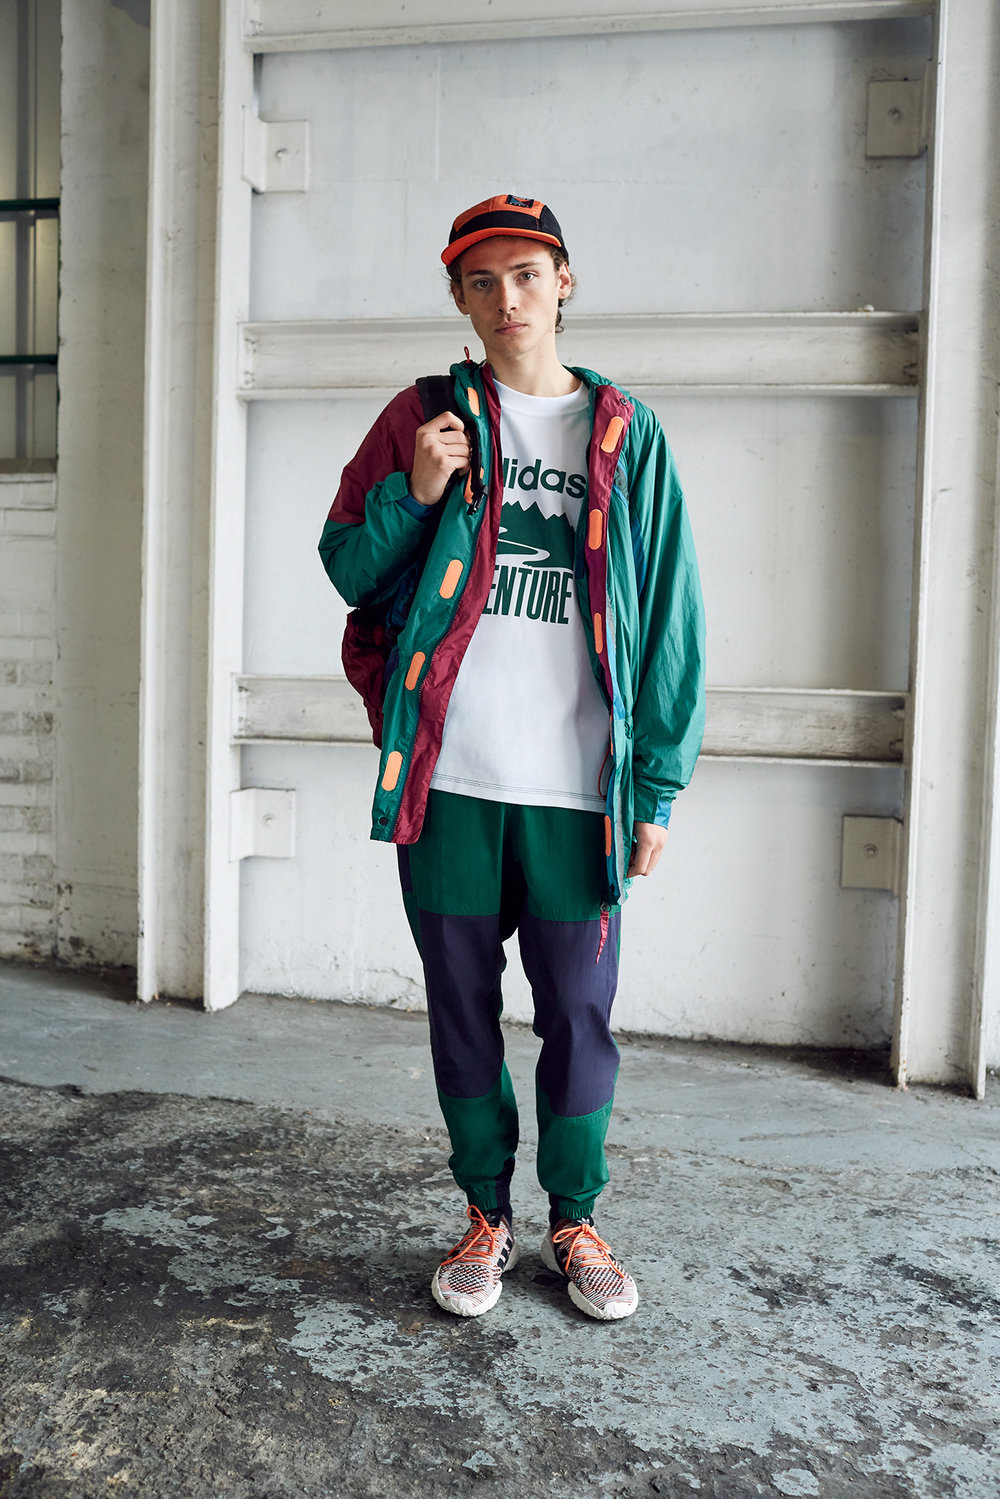 Adidas_Atric7.jpg